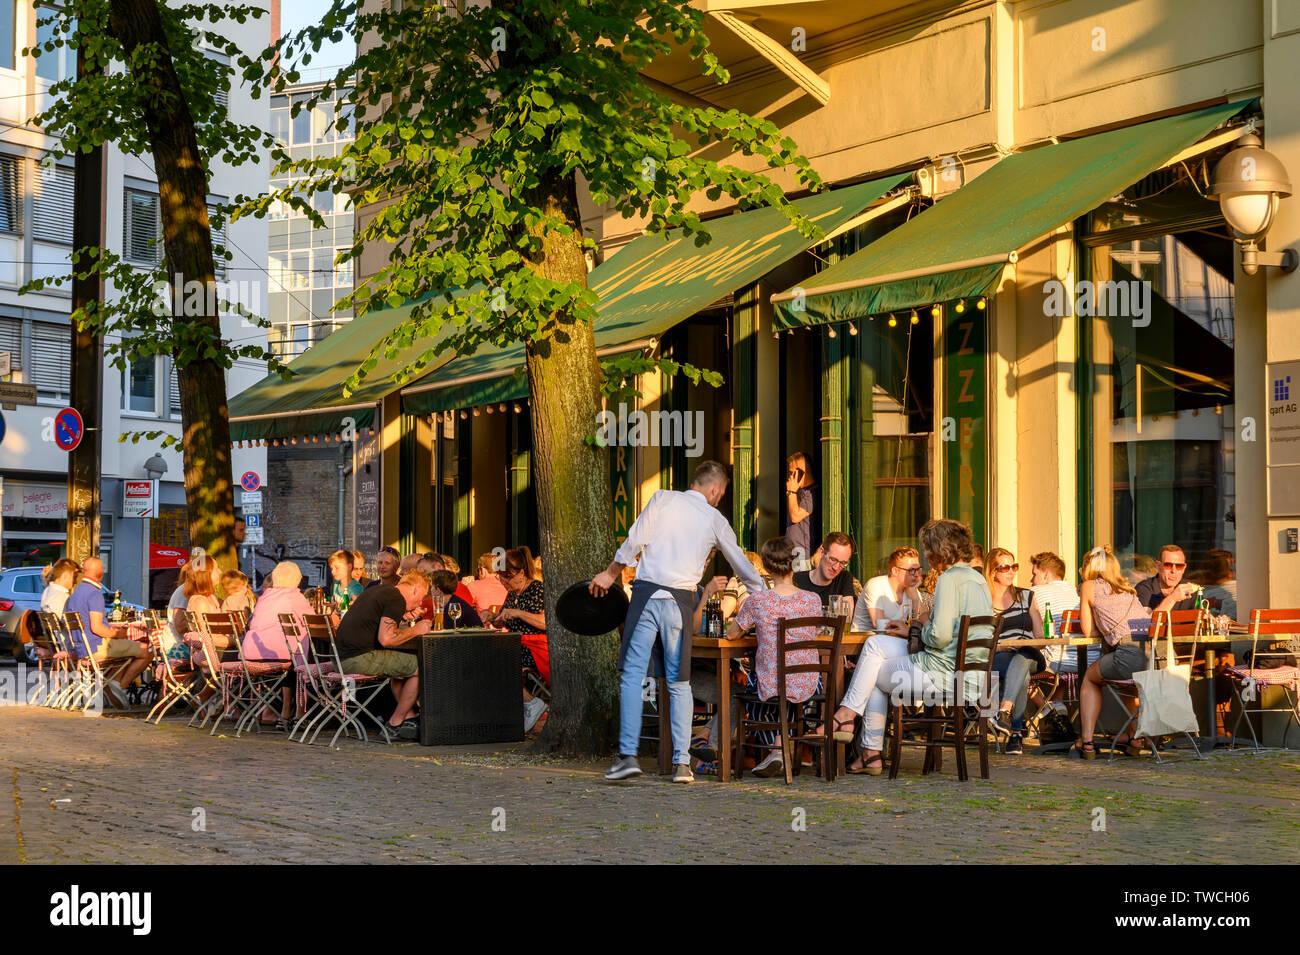 Berlin, Deutschland - 17. Juni 2019: Die Gäste Essen und Trinken in einem Restaurant im Zentrum von Berlin. In der voll besetzten Tische und Stühle stehen auf den Stockbild